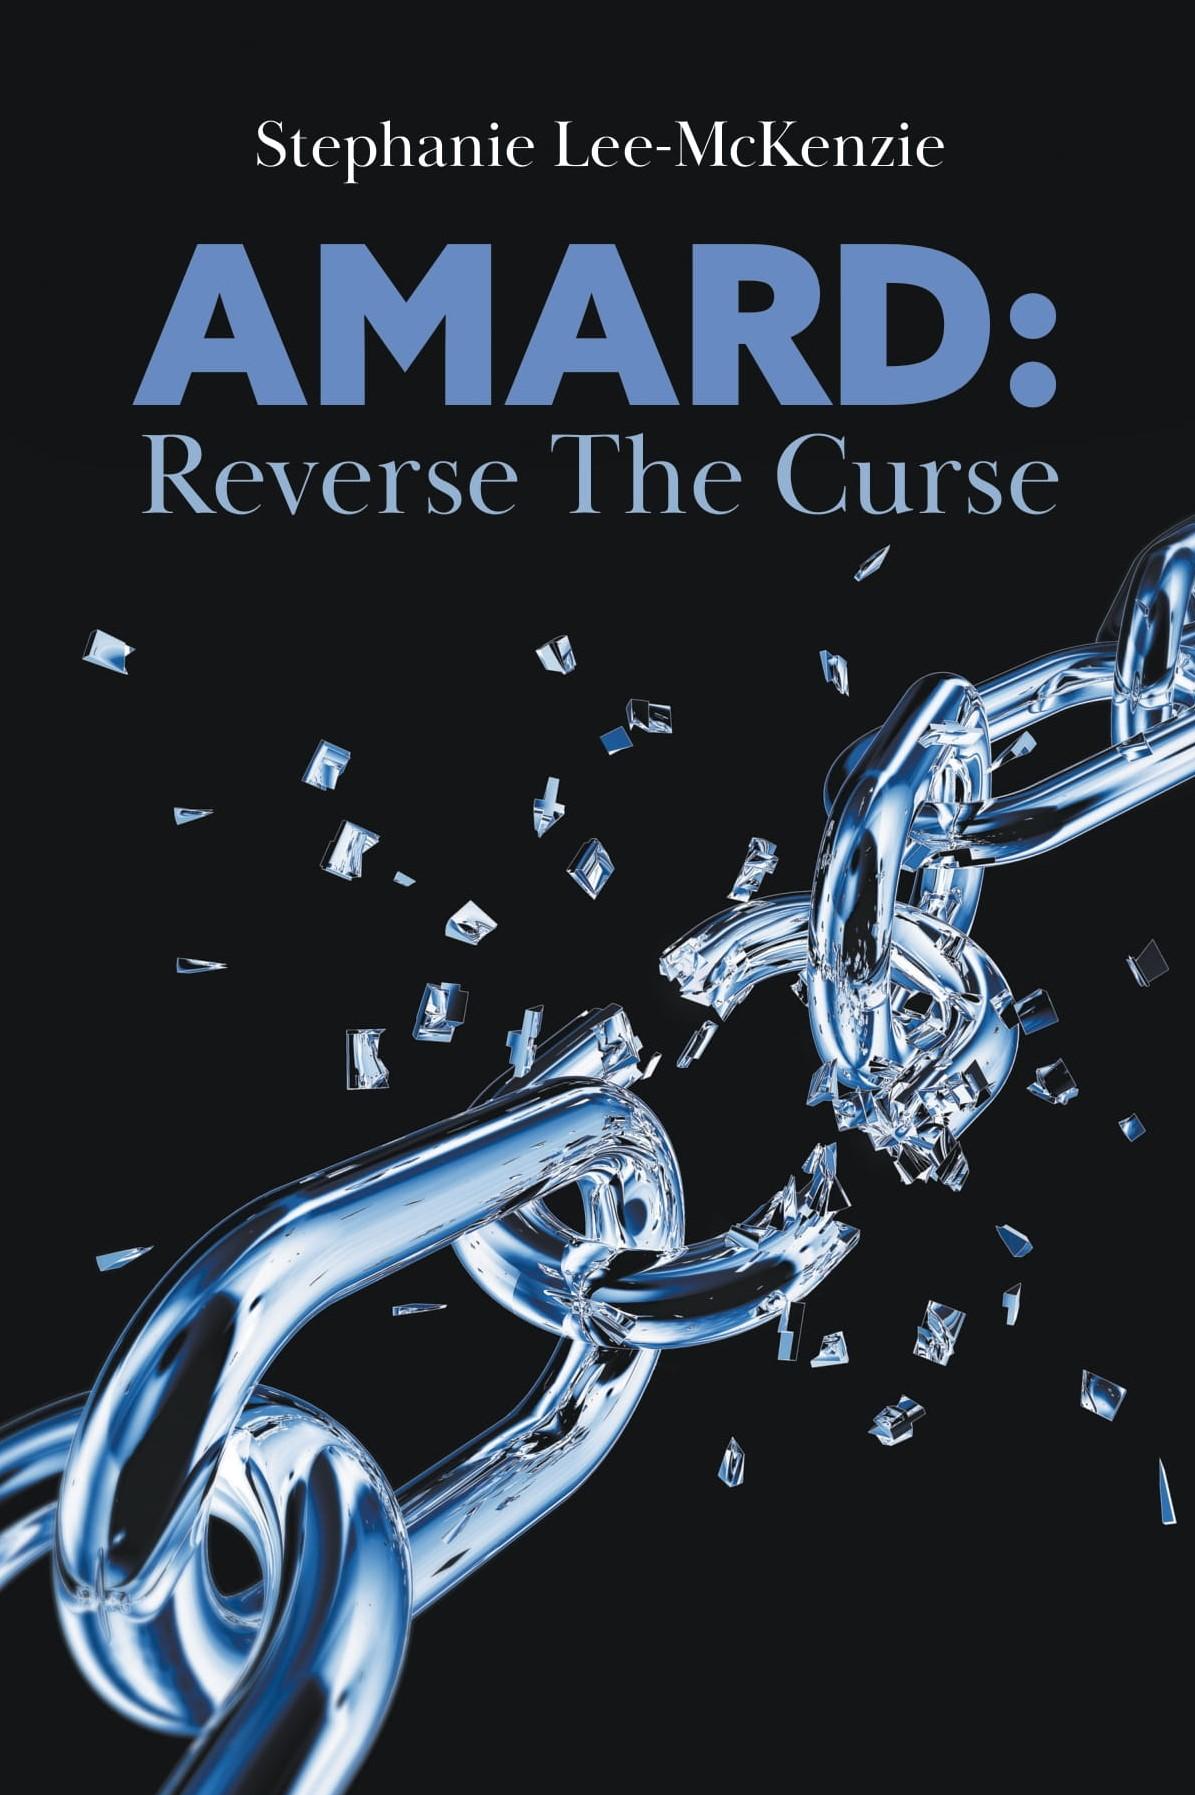 AMARD: